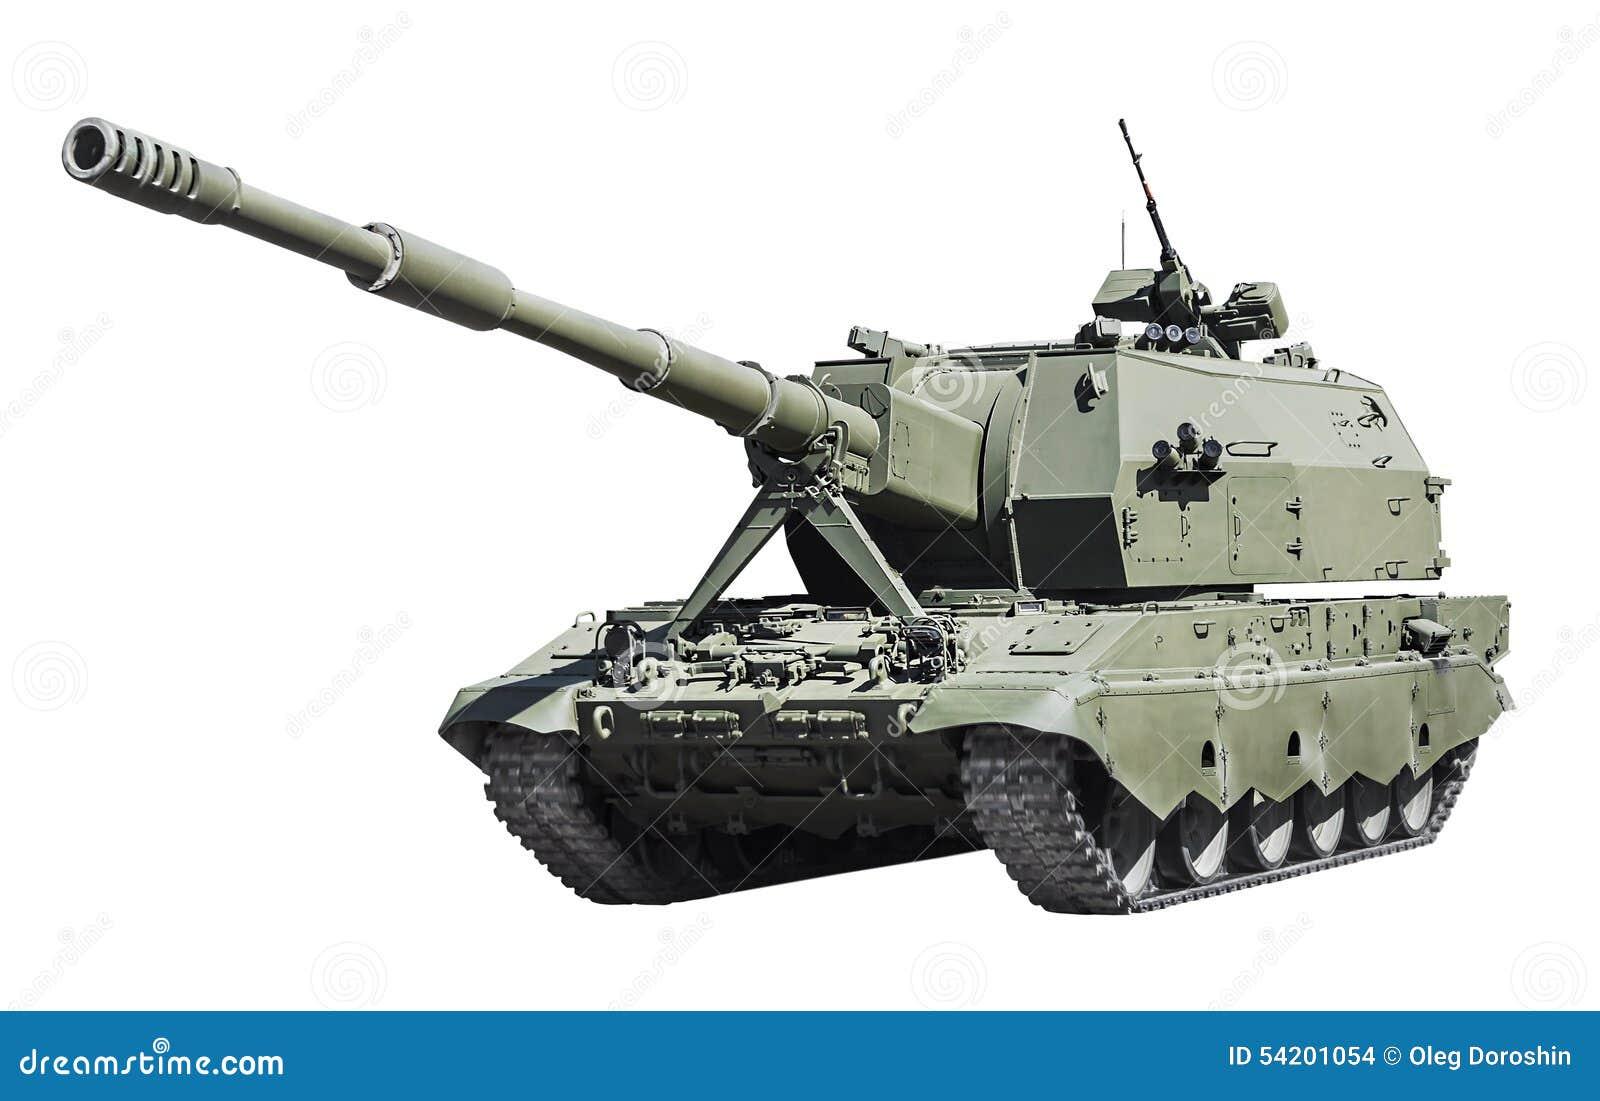 自走被隔绝的火炮类自走短程高射炮